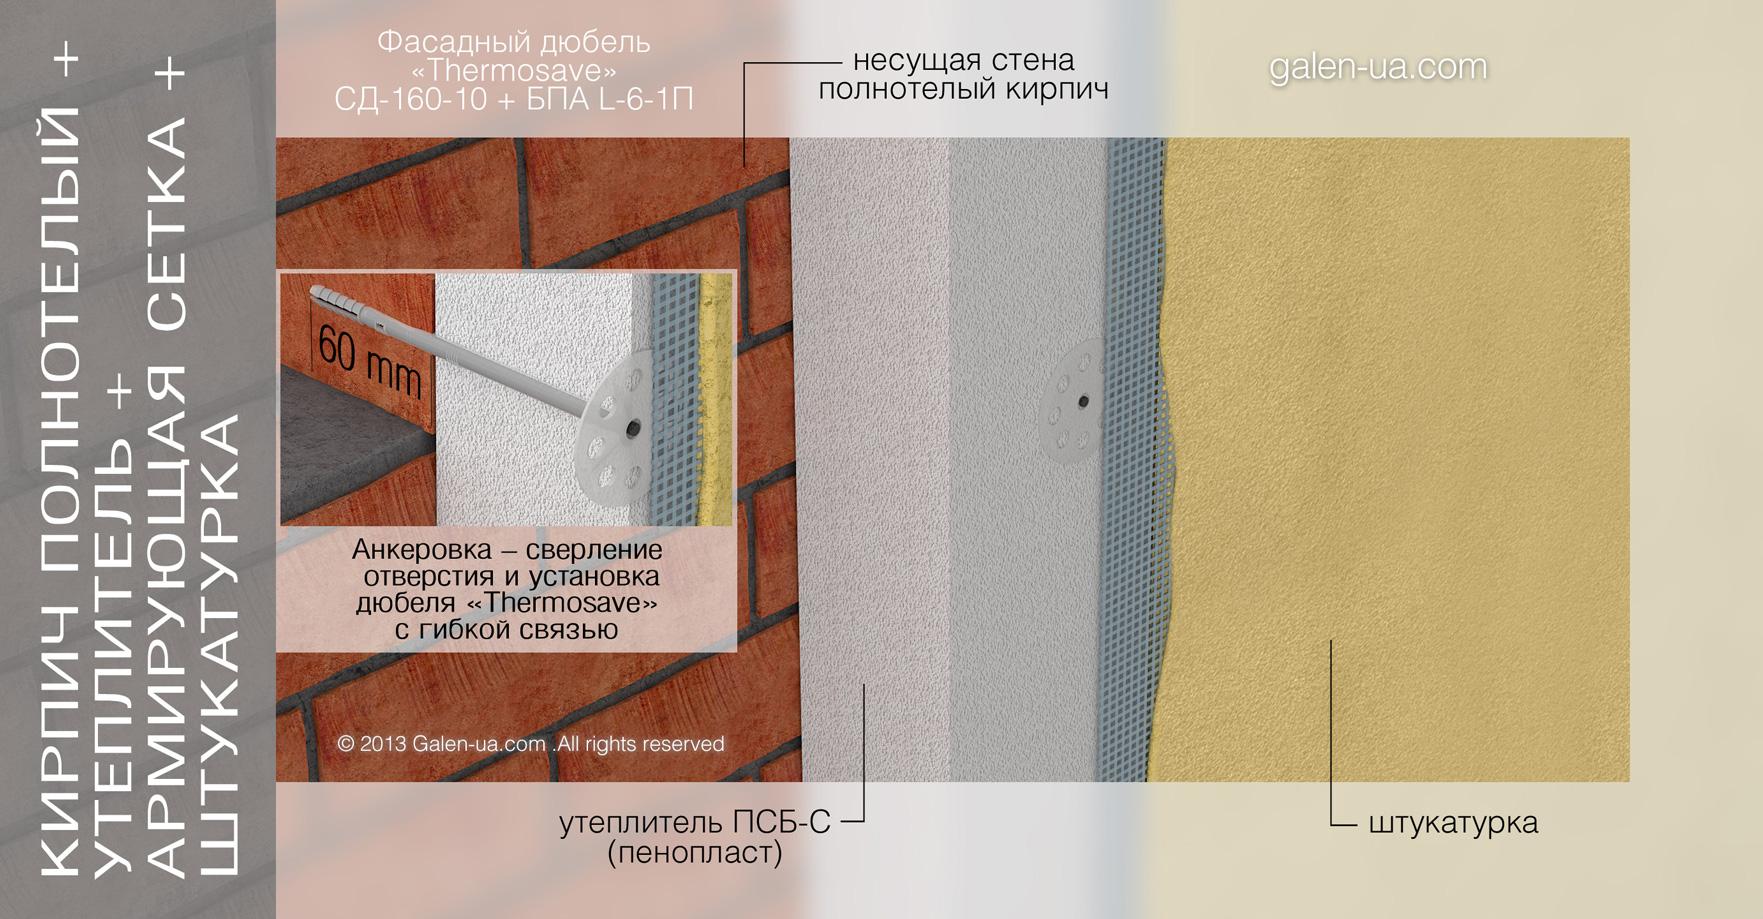 Фасадный дюбель «Thermosave» СД-160-10 + БПА L-6-1П: Кирпич полнотелый + Утеплитель + Воздушный зазор + Облицовочный кирпич